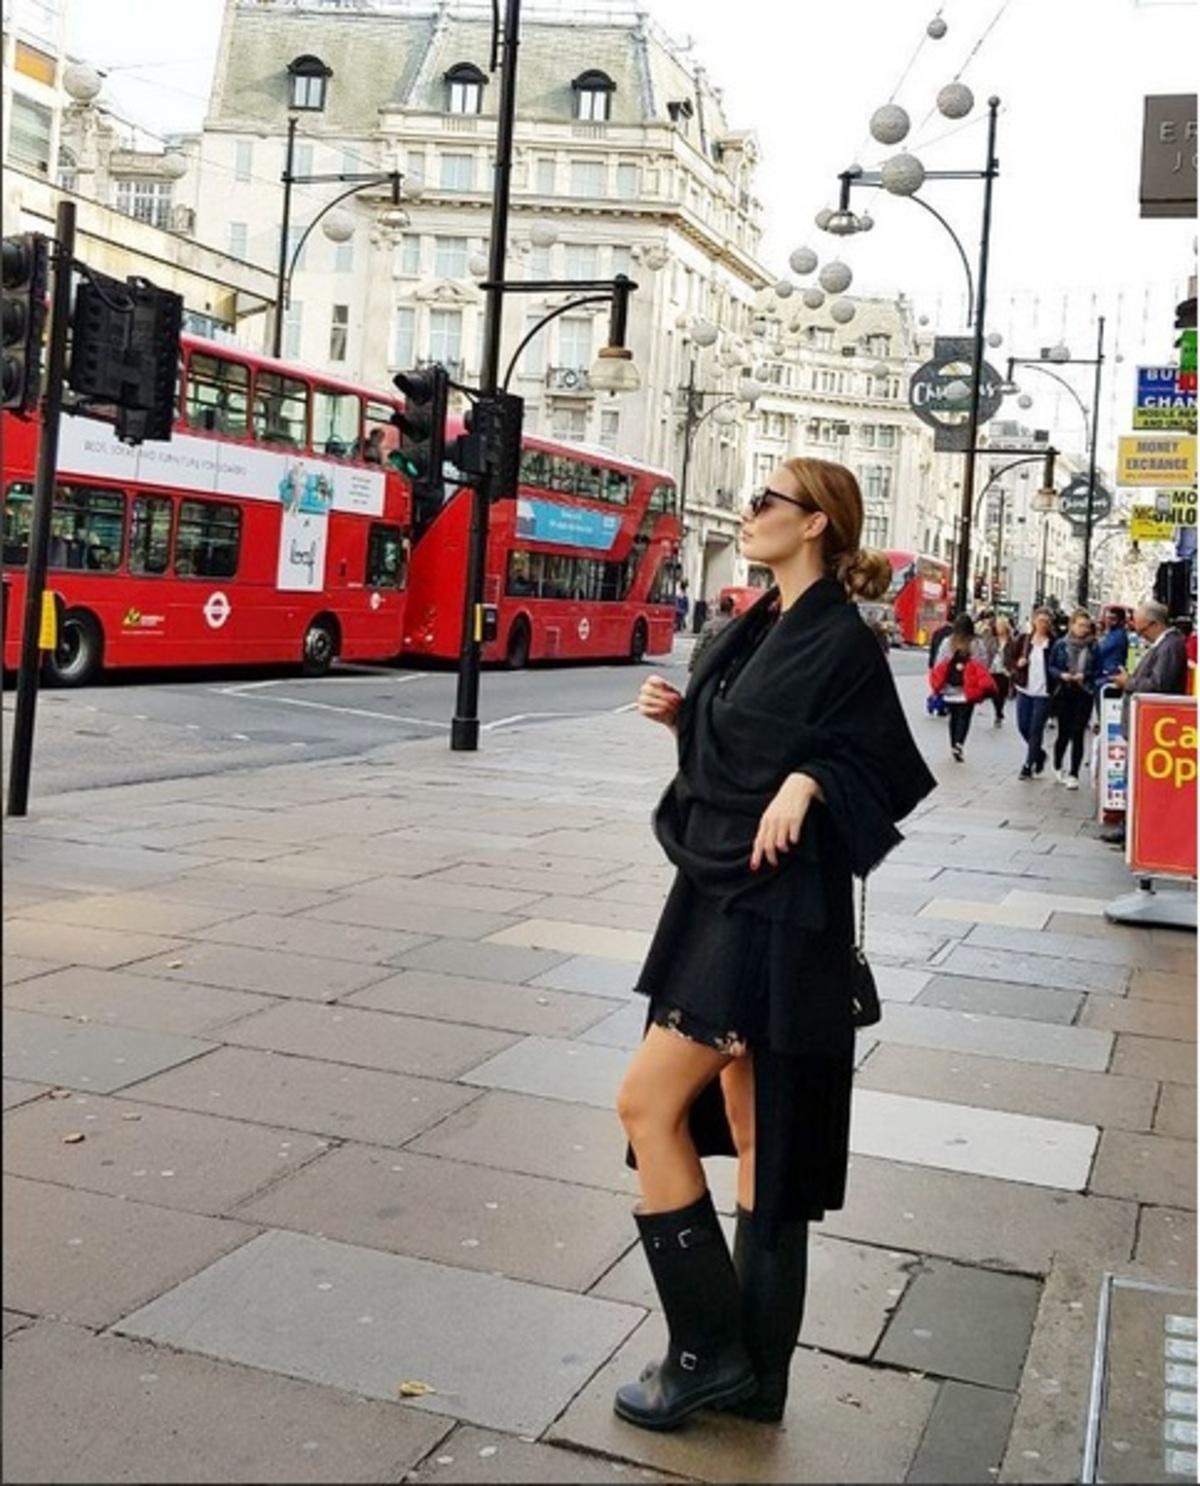 Αντωνία Καλλιμούκου: Νέες φωτογραφίες από το ταξίδι που έκανε στο Λονδίνο με τον σύντροφό της! | Newsit.gr